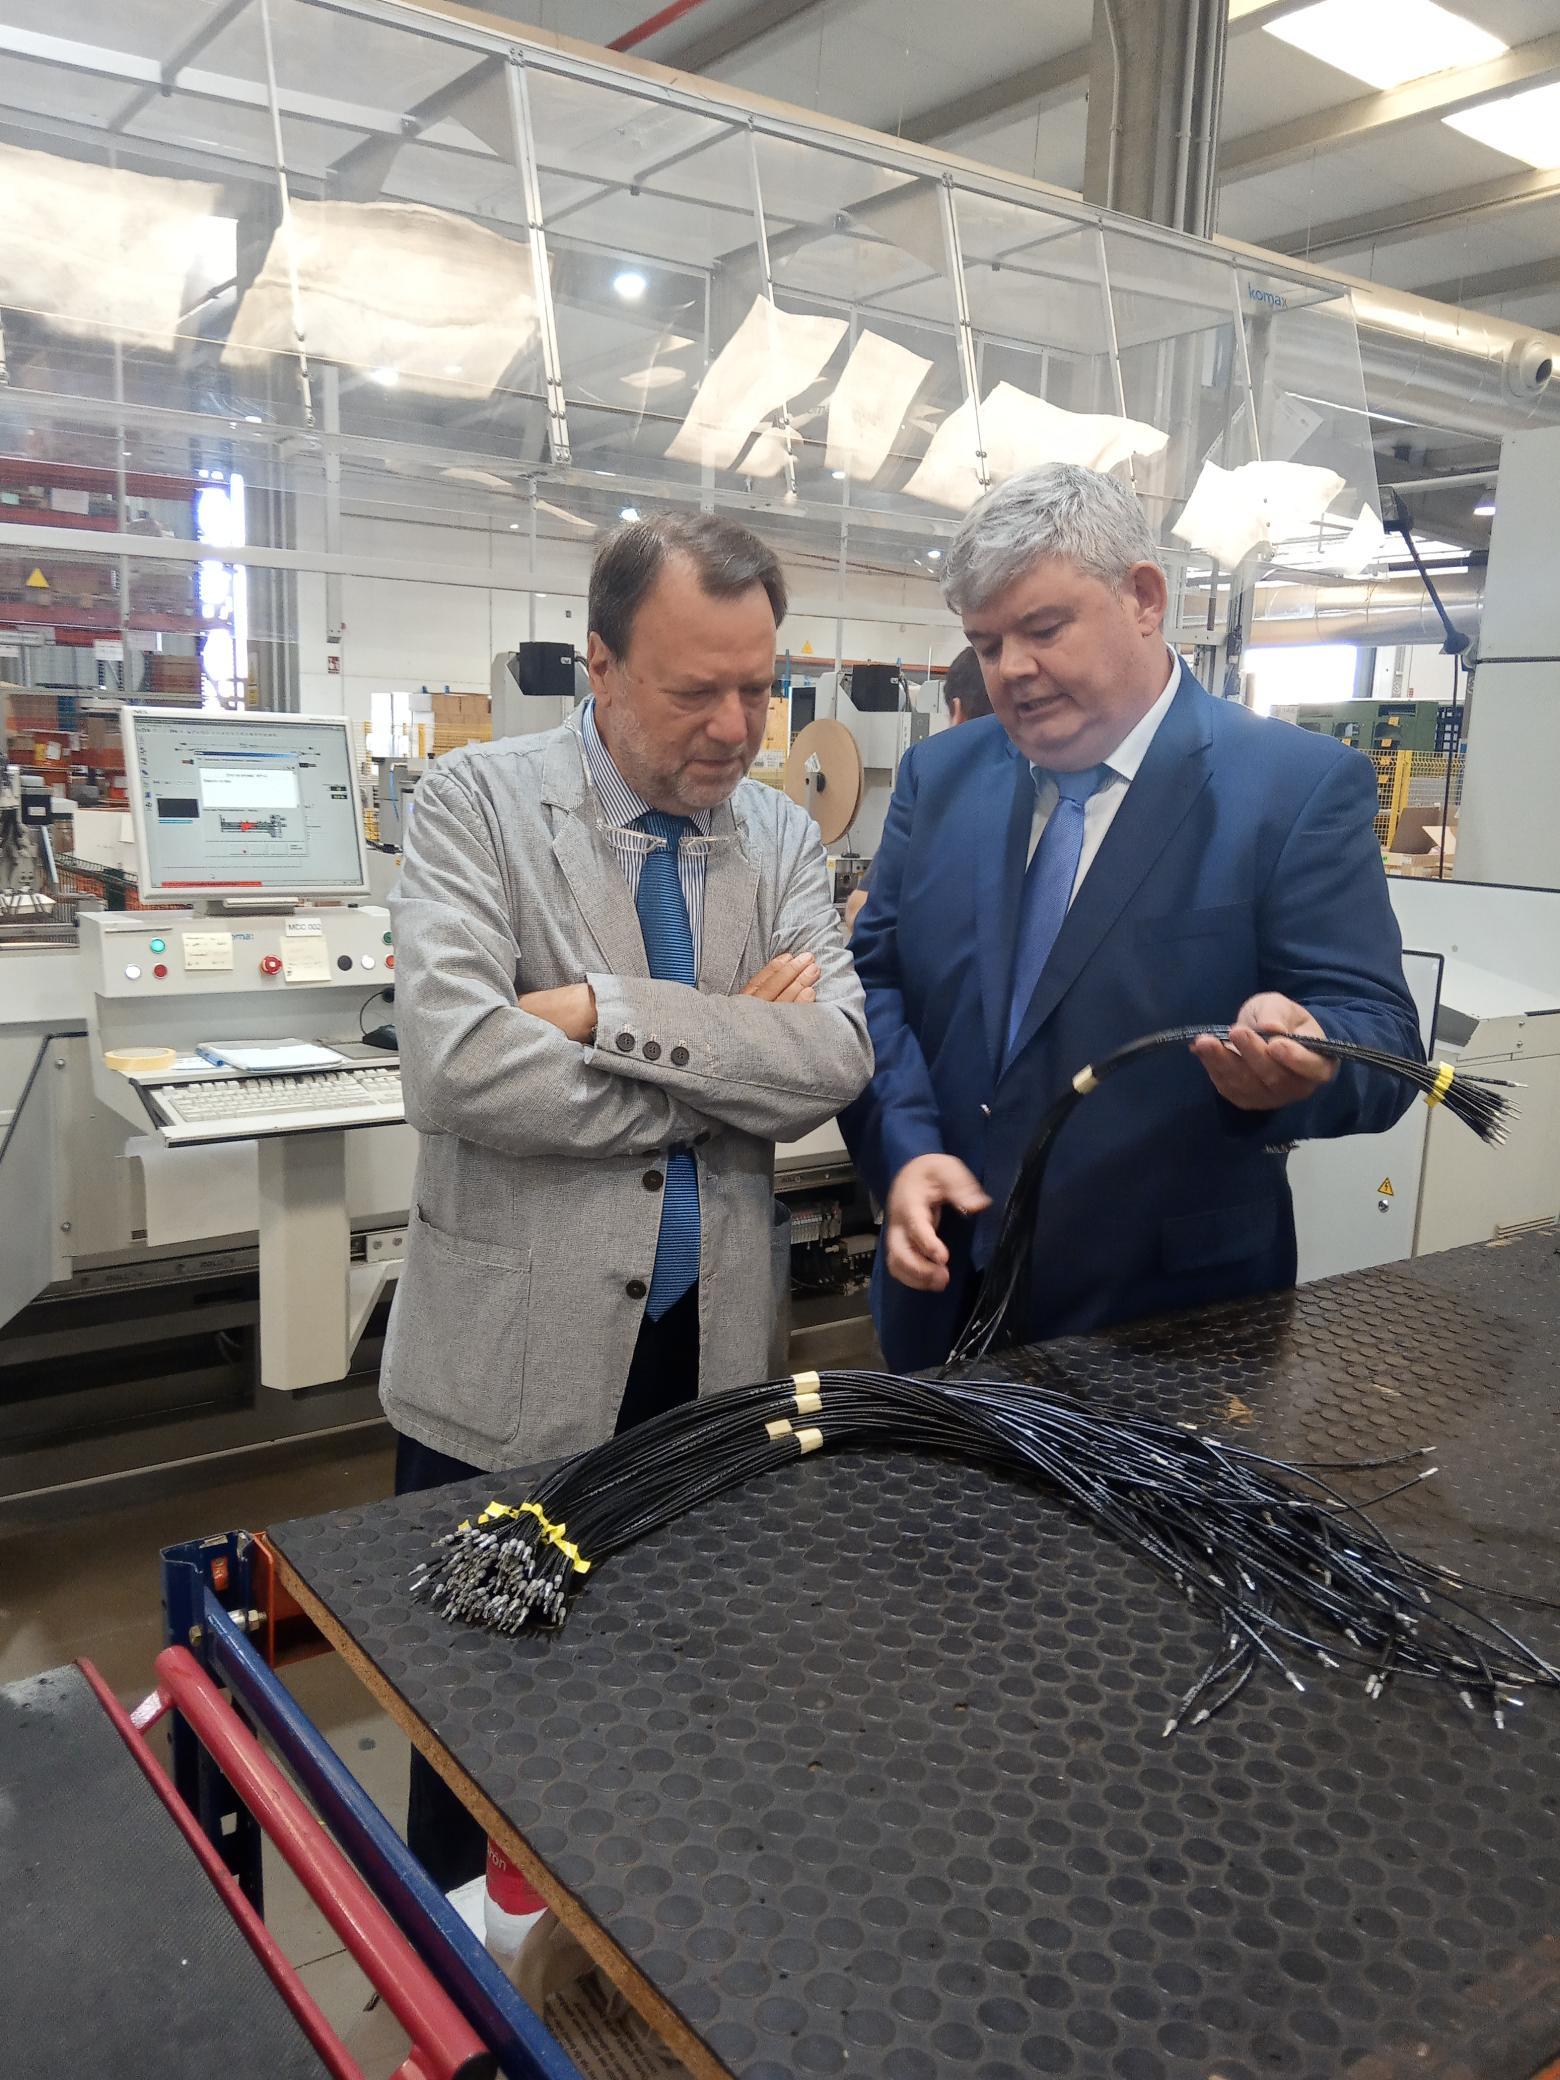 El delegado especial de la Zona Franca visita Cen Solutions, que exporta a más de 25 países